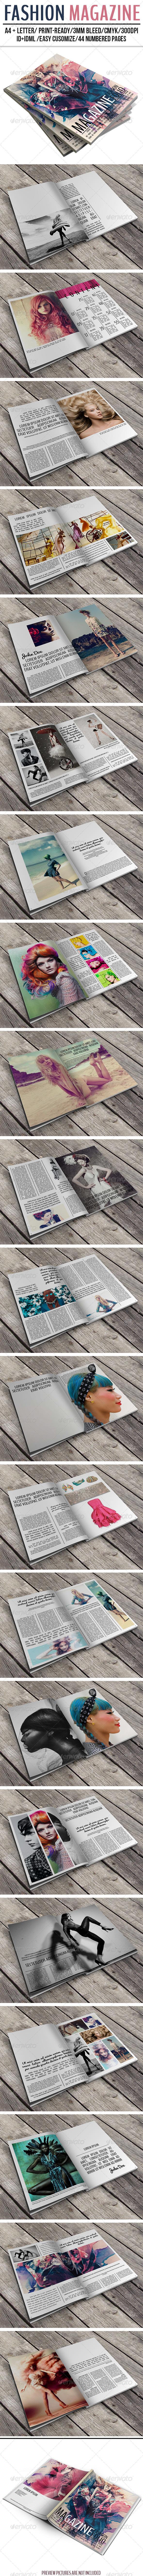 GraphicRiver Fashion Magazine 6650202